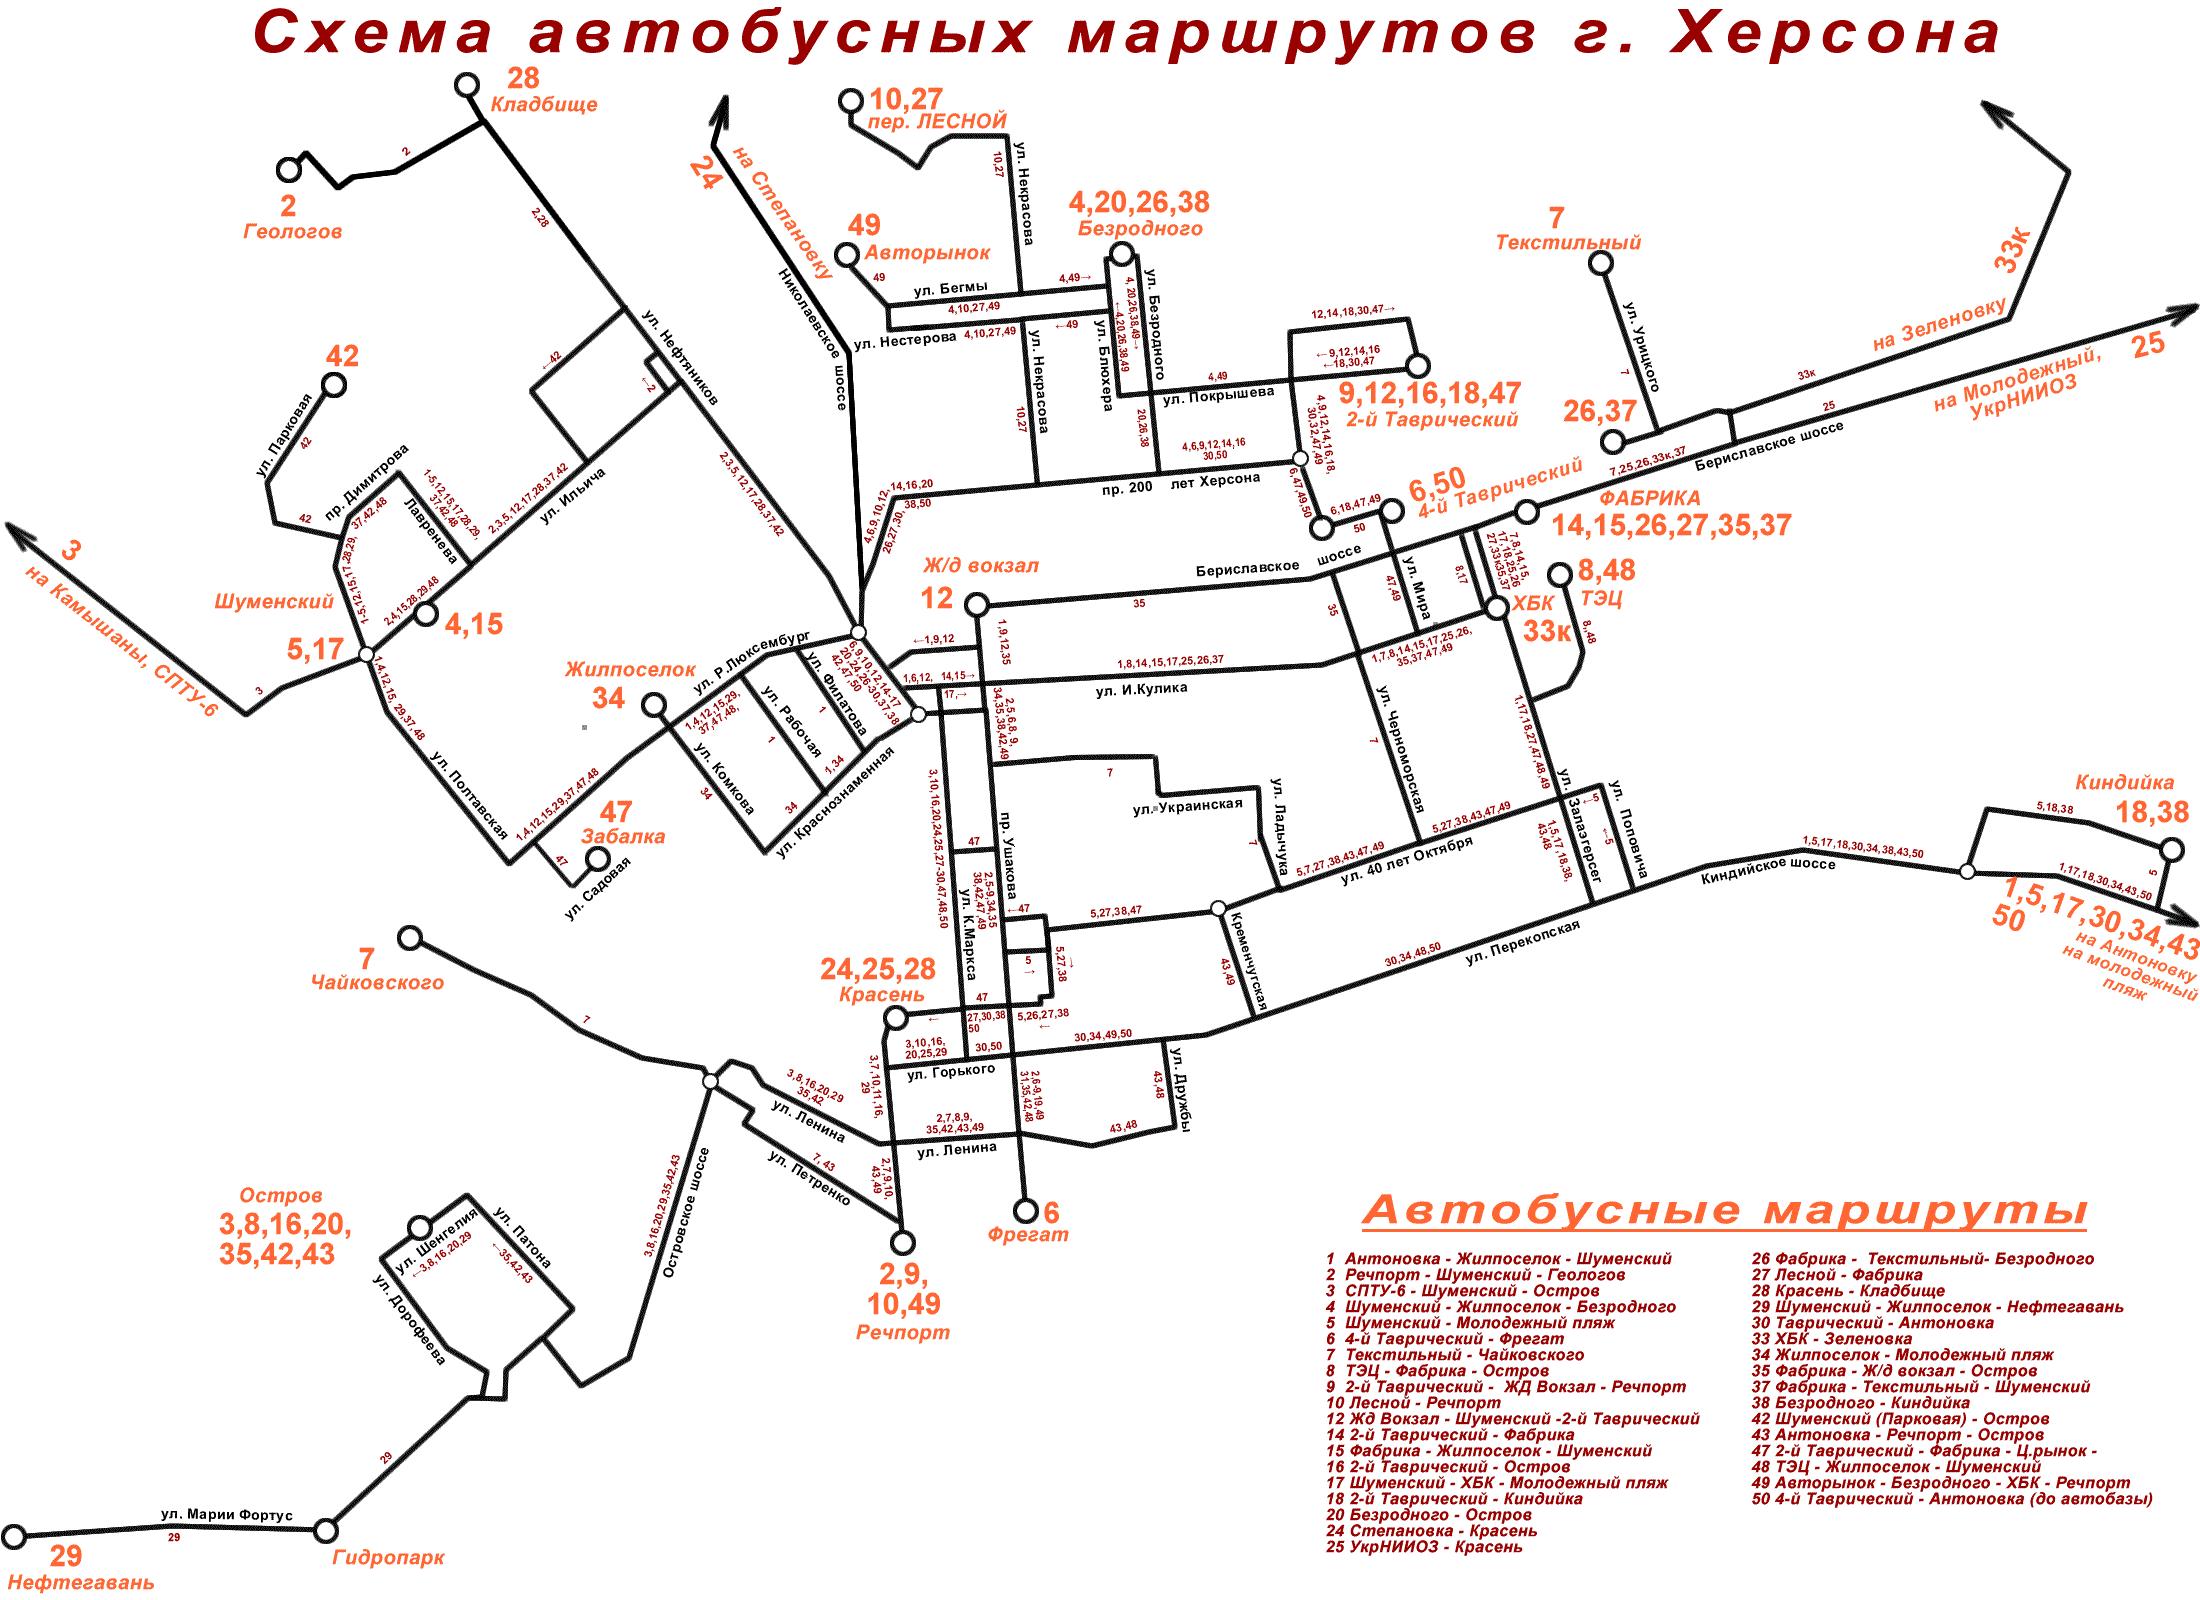 Схема автобусных маршрутов г. Херсона.